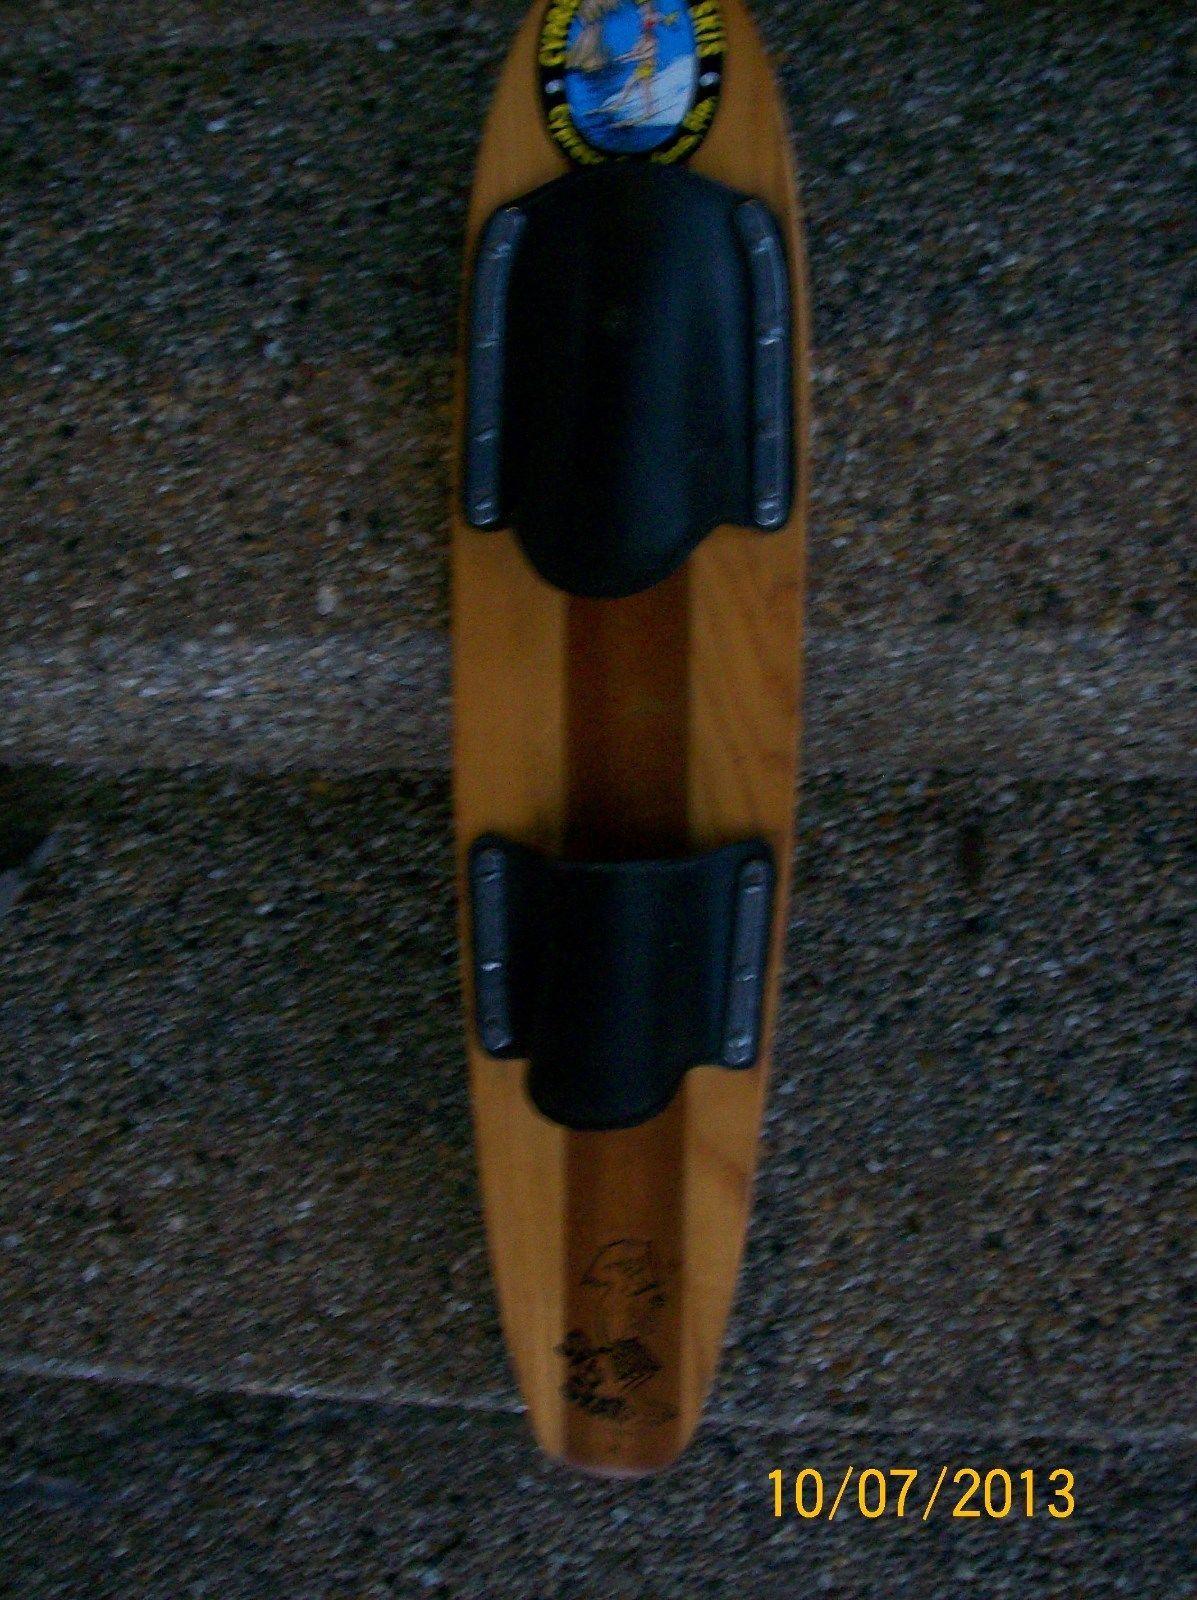 af96f12536c1b2cb6176a9307d00383b - Cypress Gardens El Diablo Water Ski